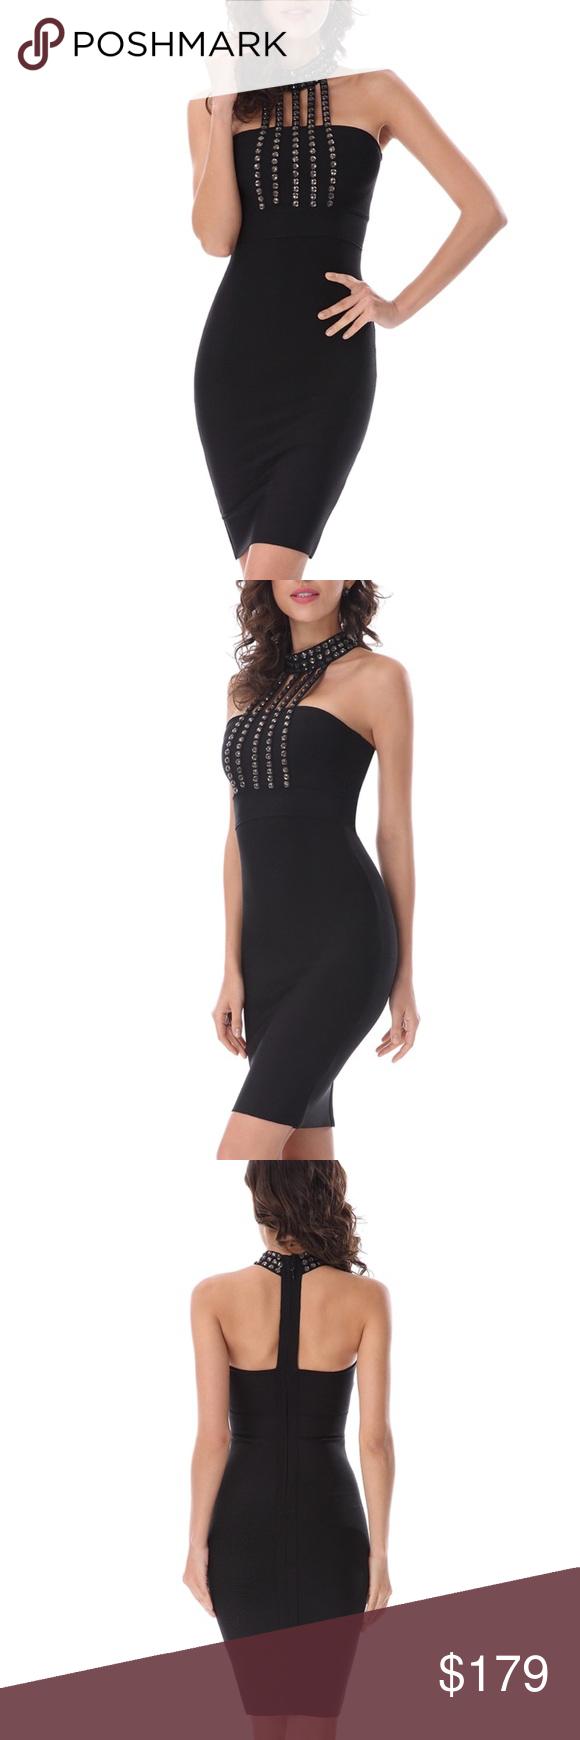 Black udiamondu bandage evening party dress available size xs